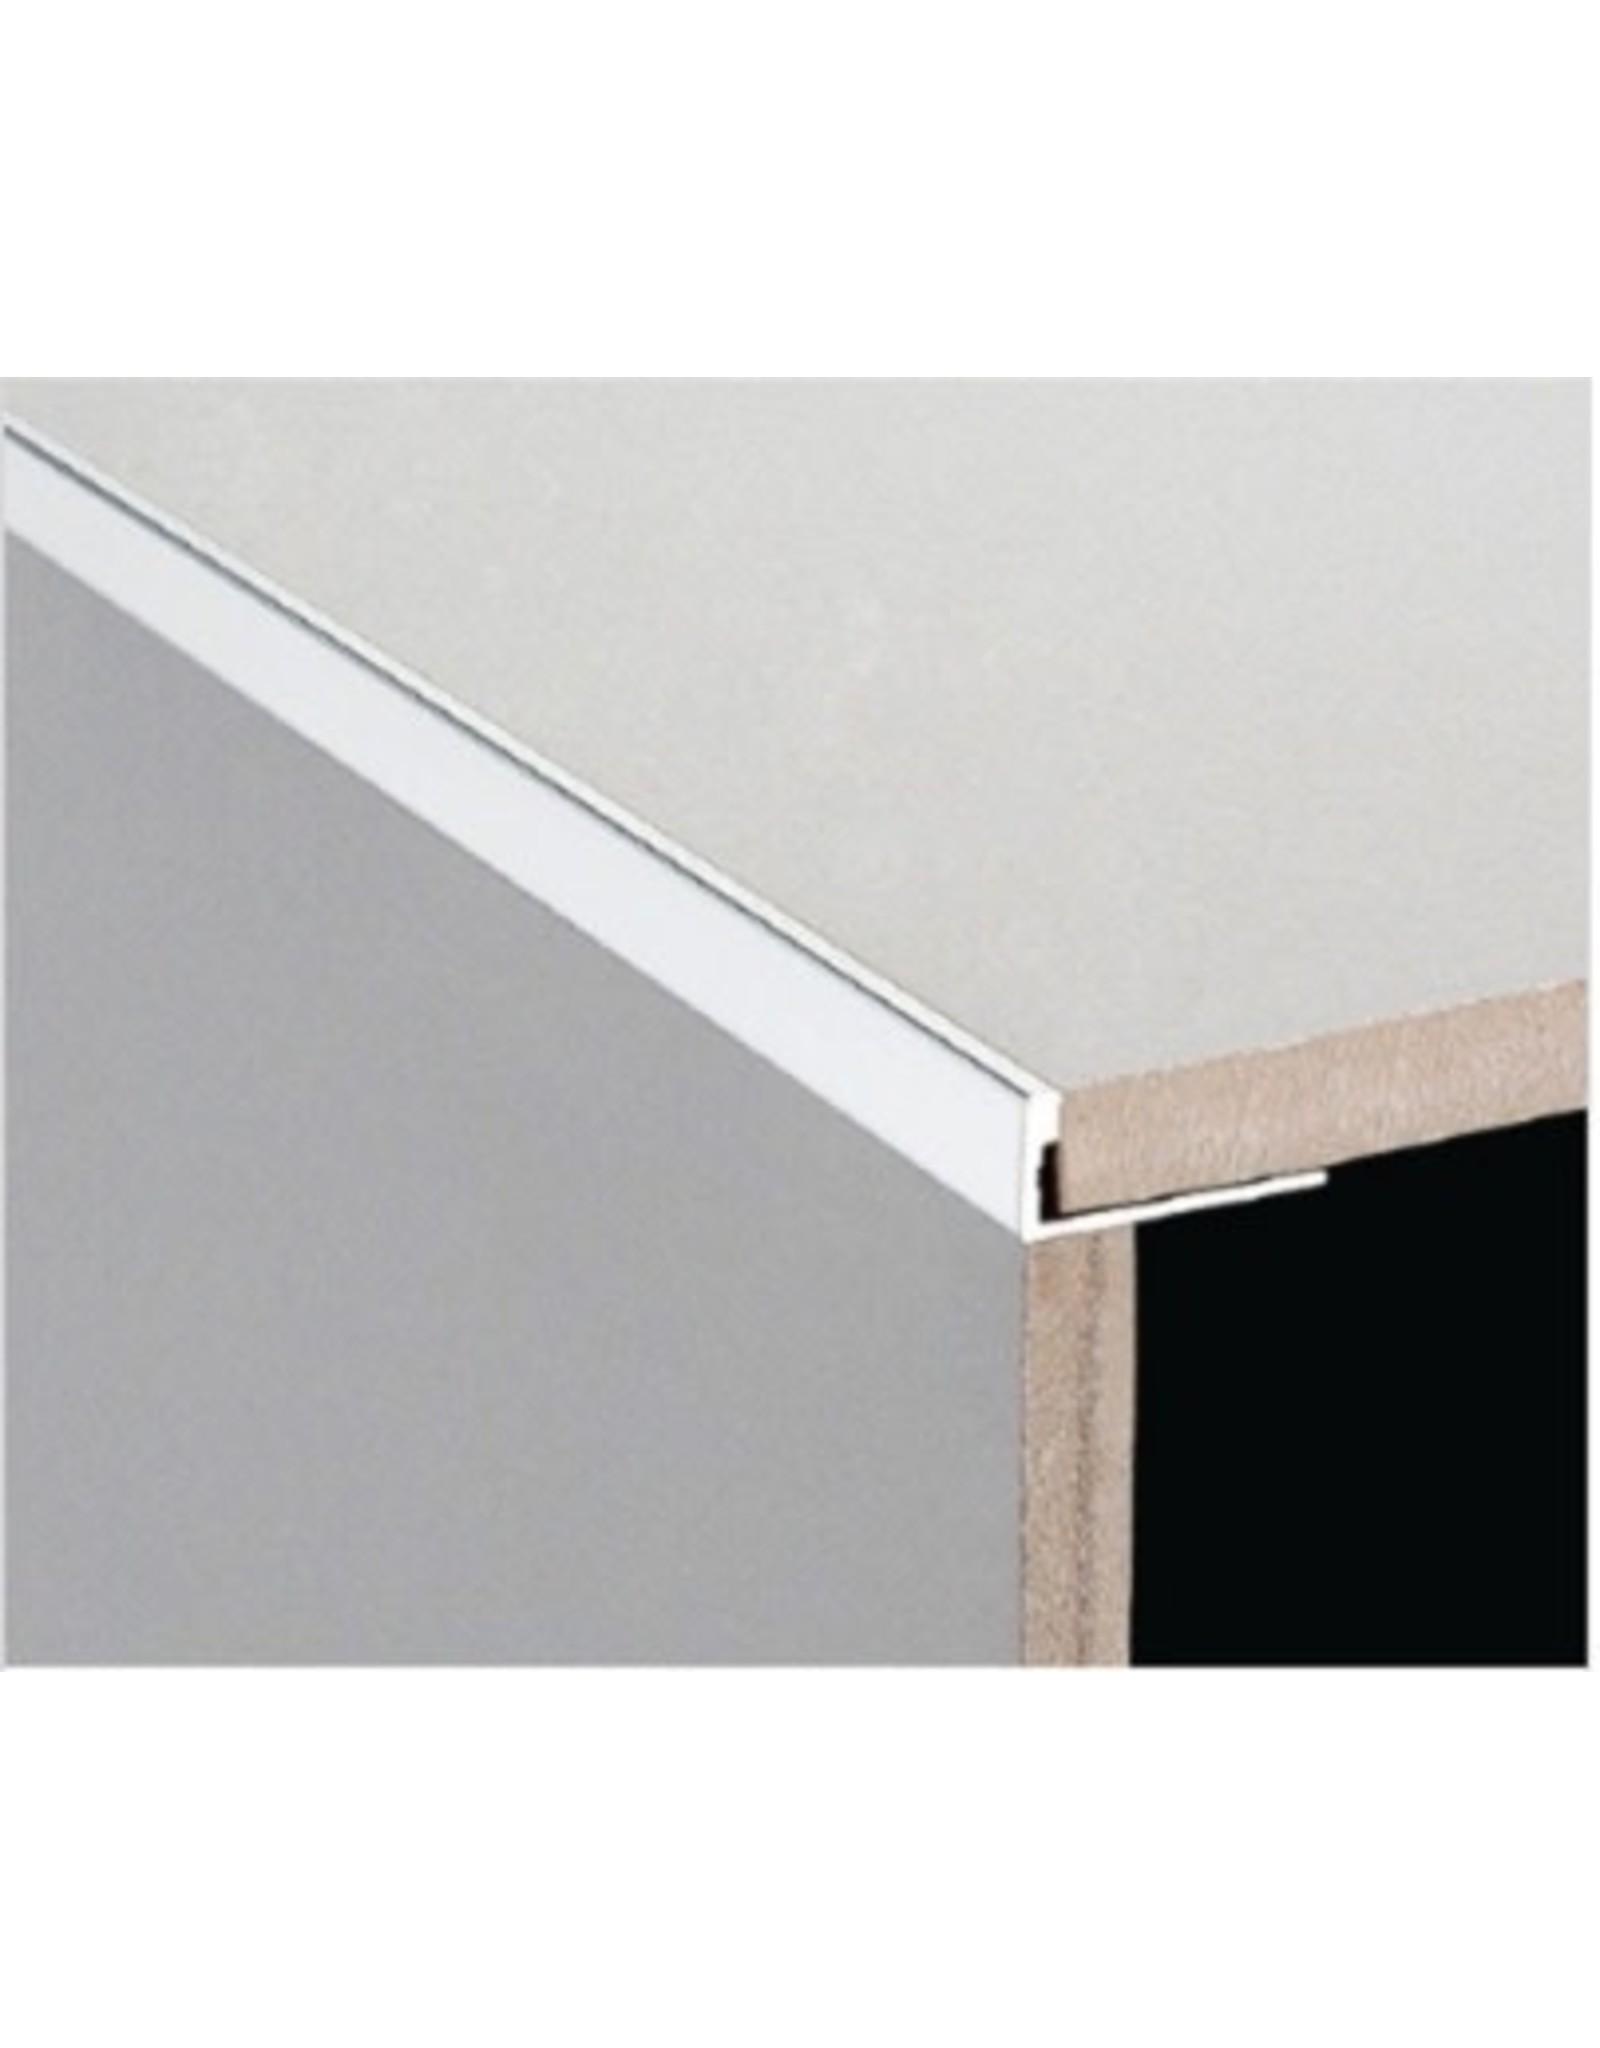 DTA 10mm DTA Aluminium L-Shape Trim Bright Silver